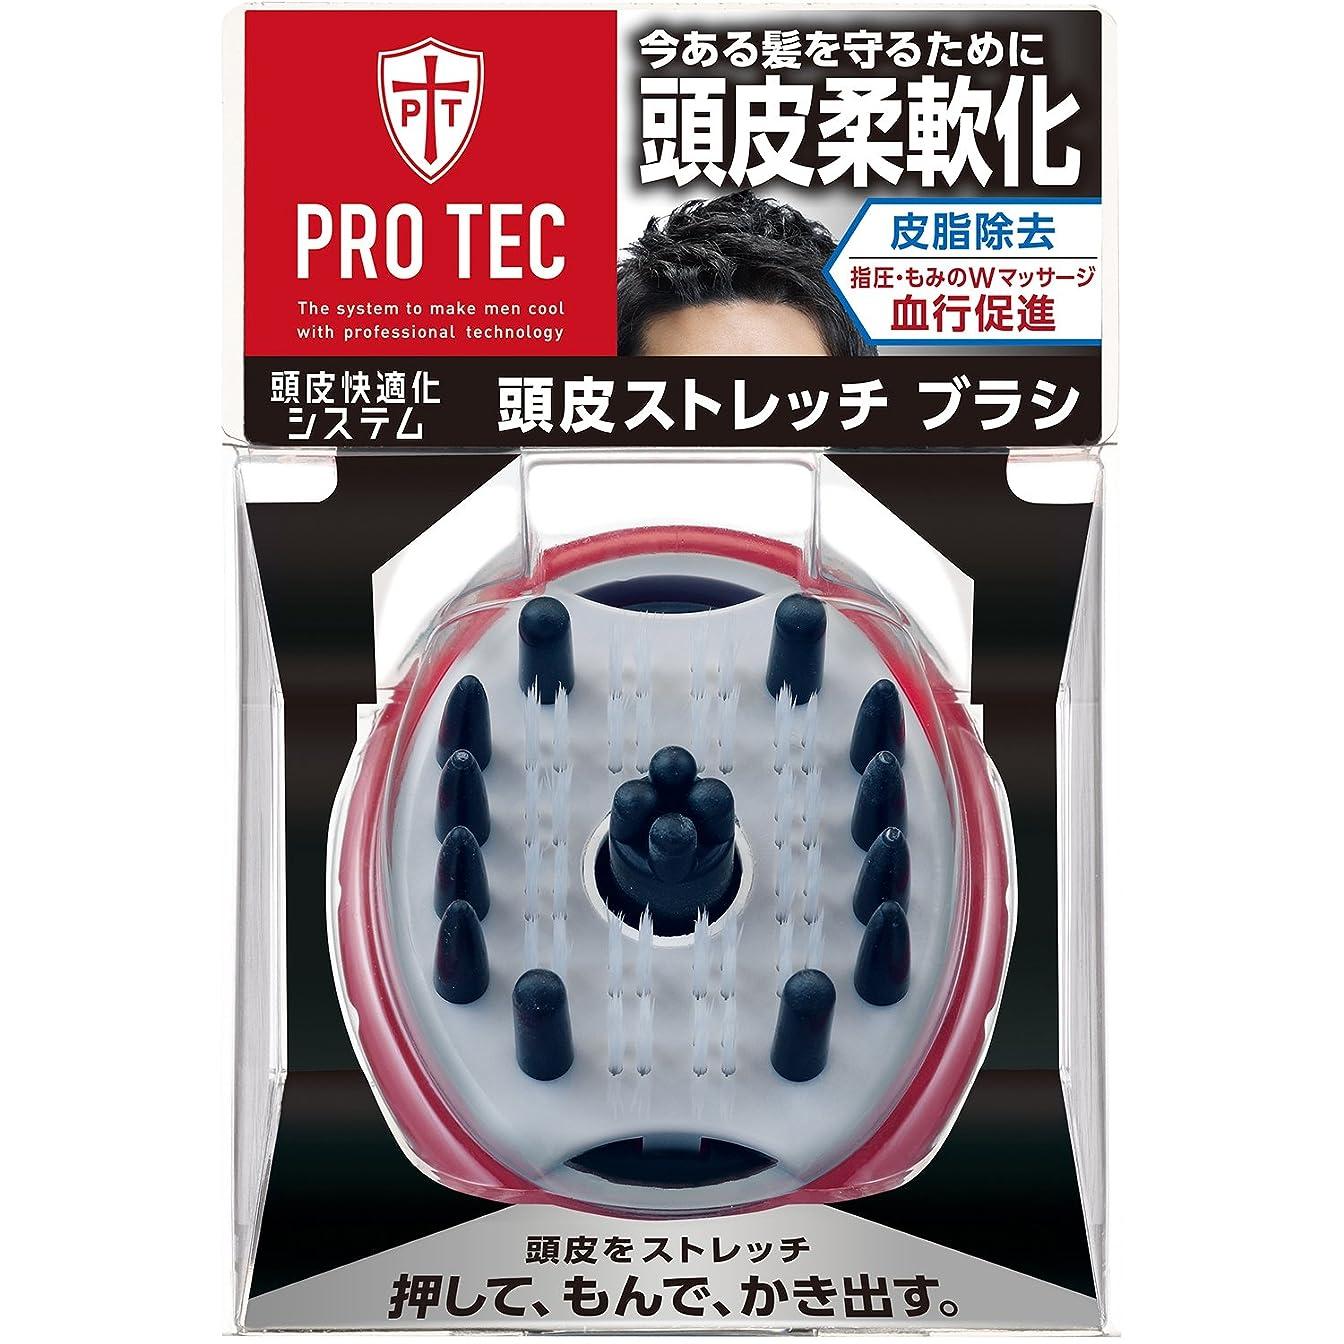 素朴な自信があるモードリンPRO TEC(プロテク) ウォッシングブラシ 頭皮ストレッチタイプ